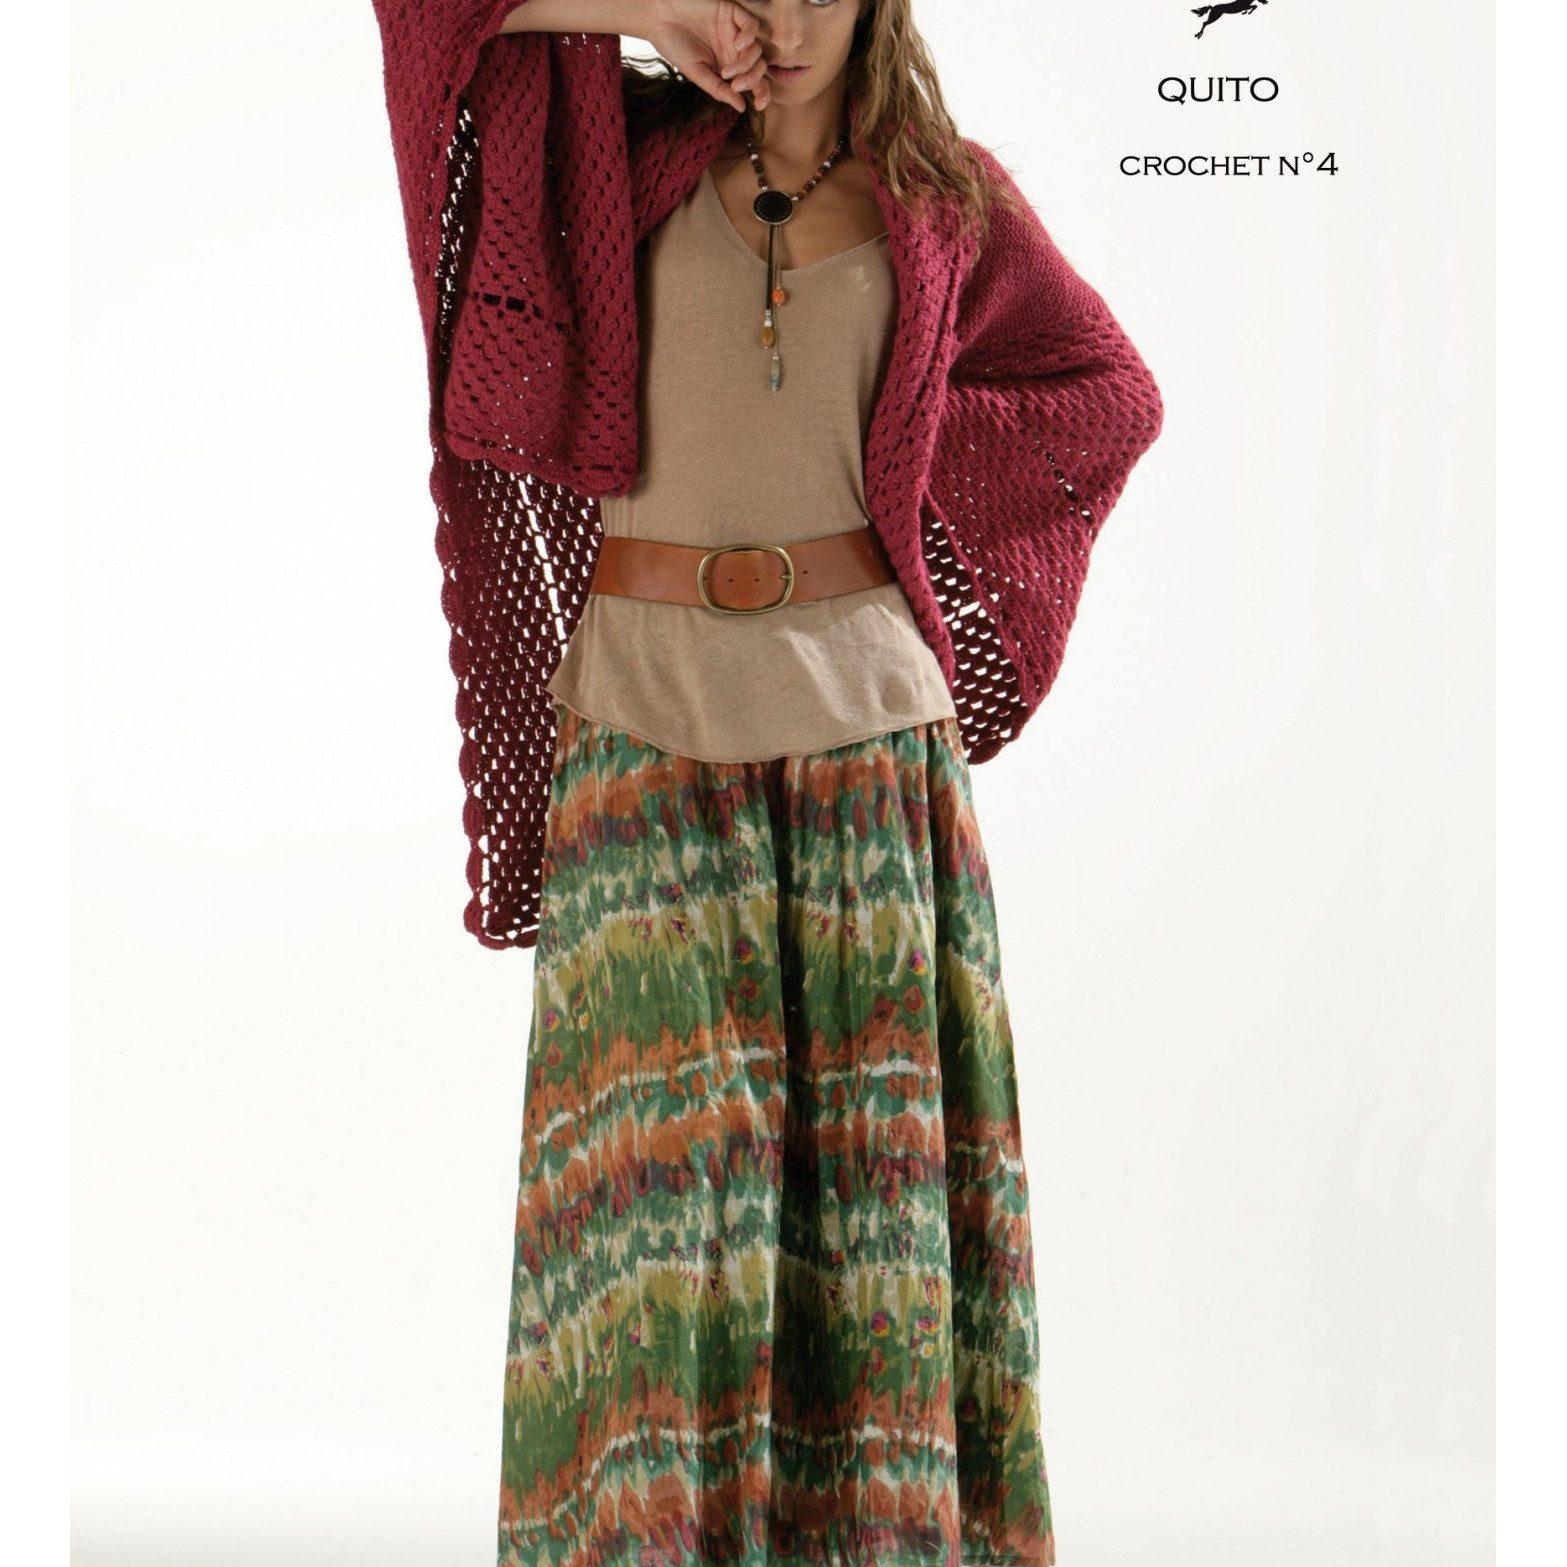 modele-chale-cb14-26-patron-tricot-gratuit